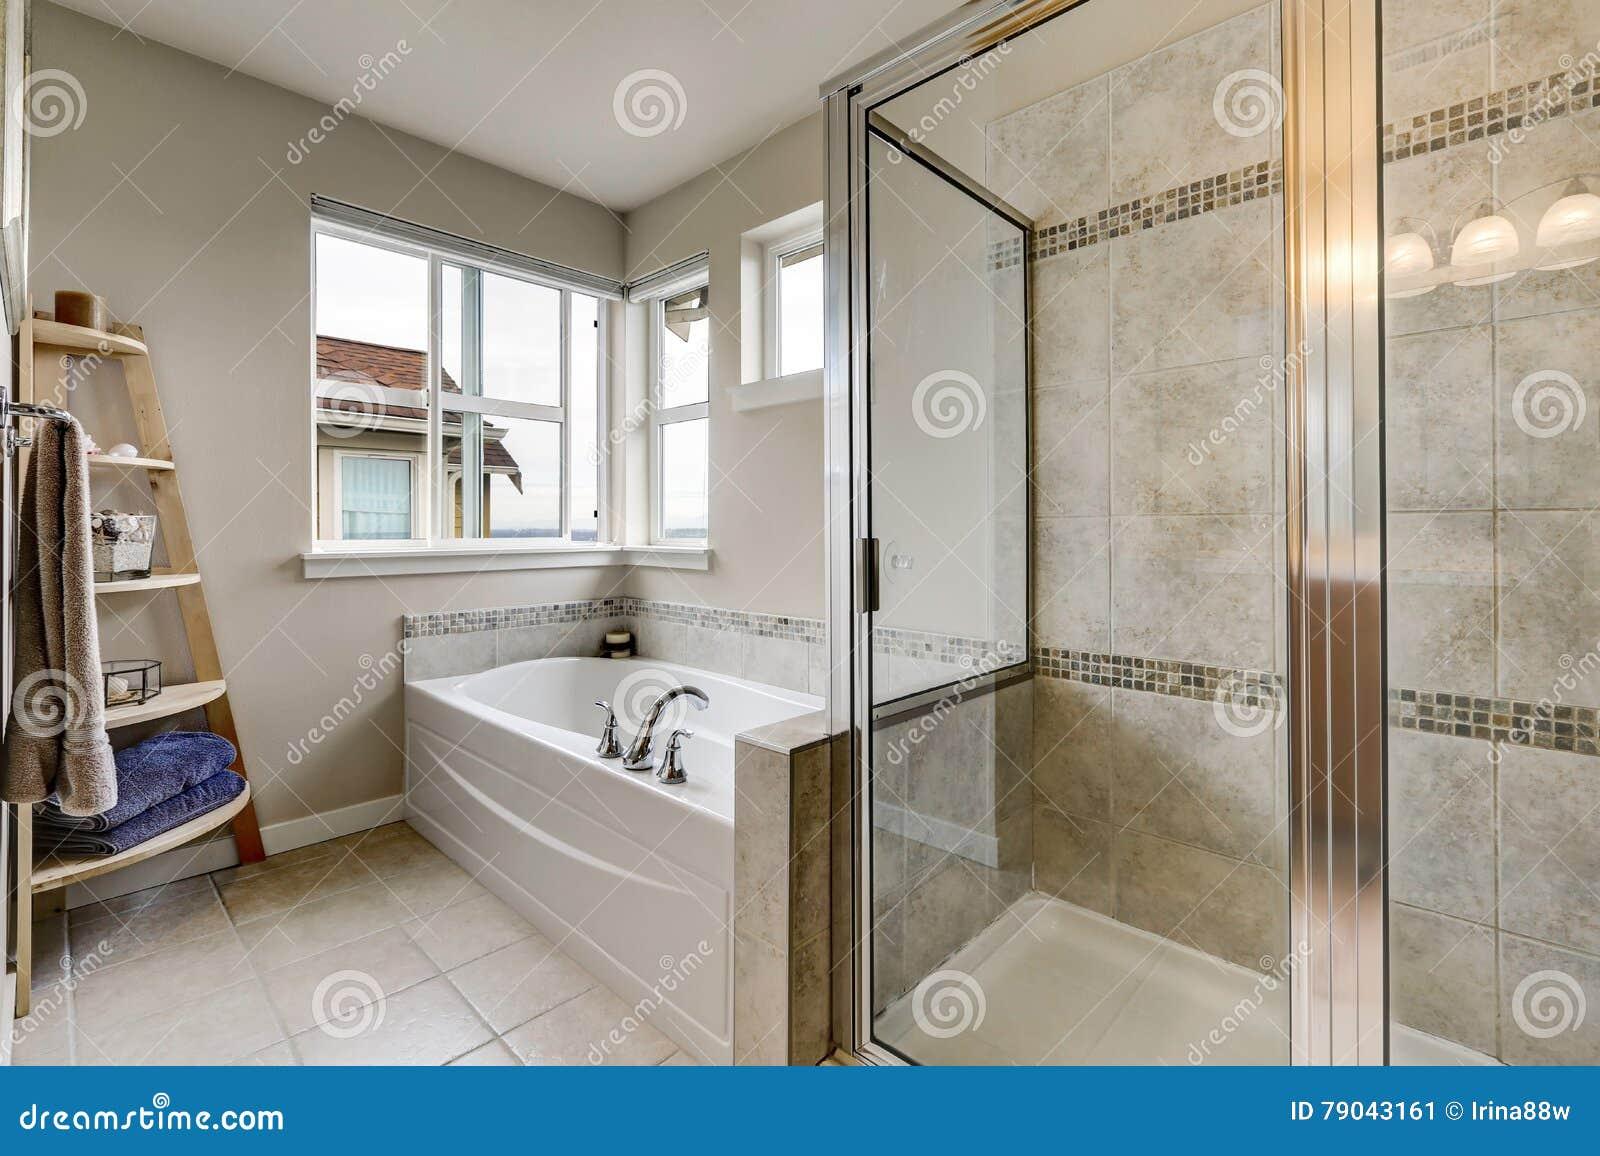 Douche En Verre Et Baignoire Blanche Dans L Interieur Propre De Salle Bains